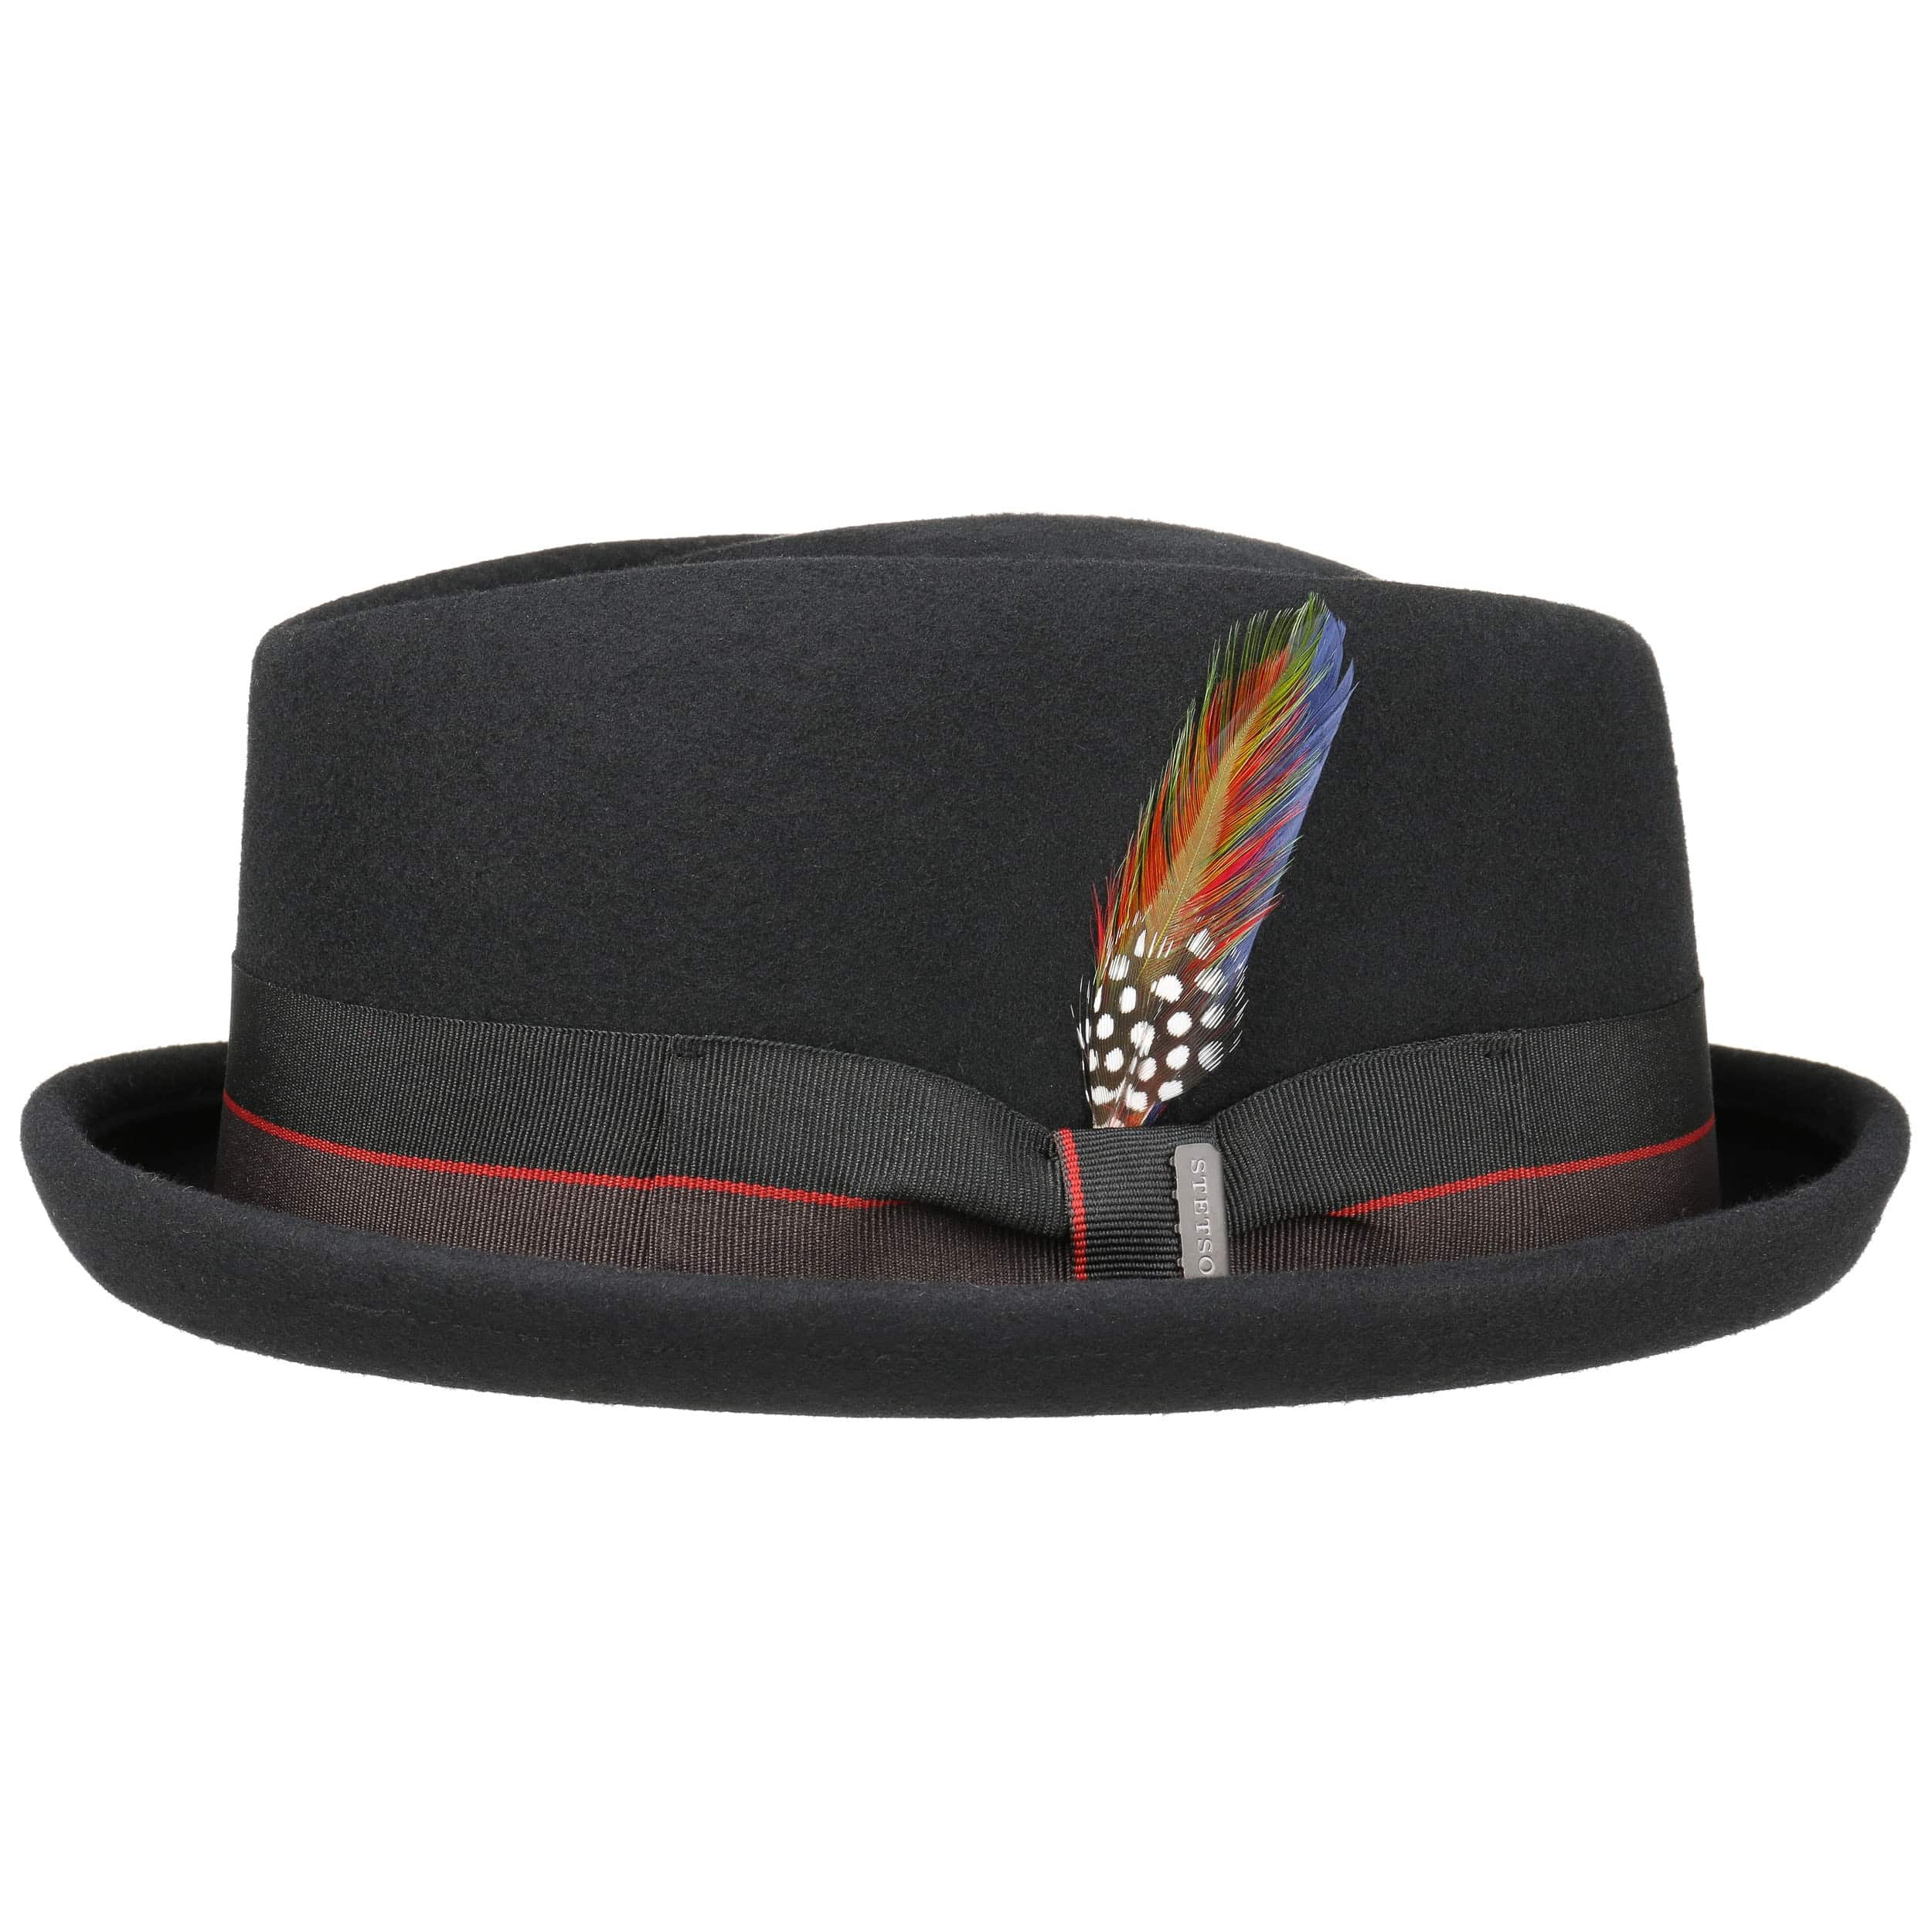 205f5dd5a22586 Stetson Crushable Wool Felt Hat